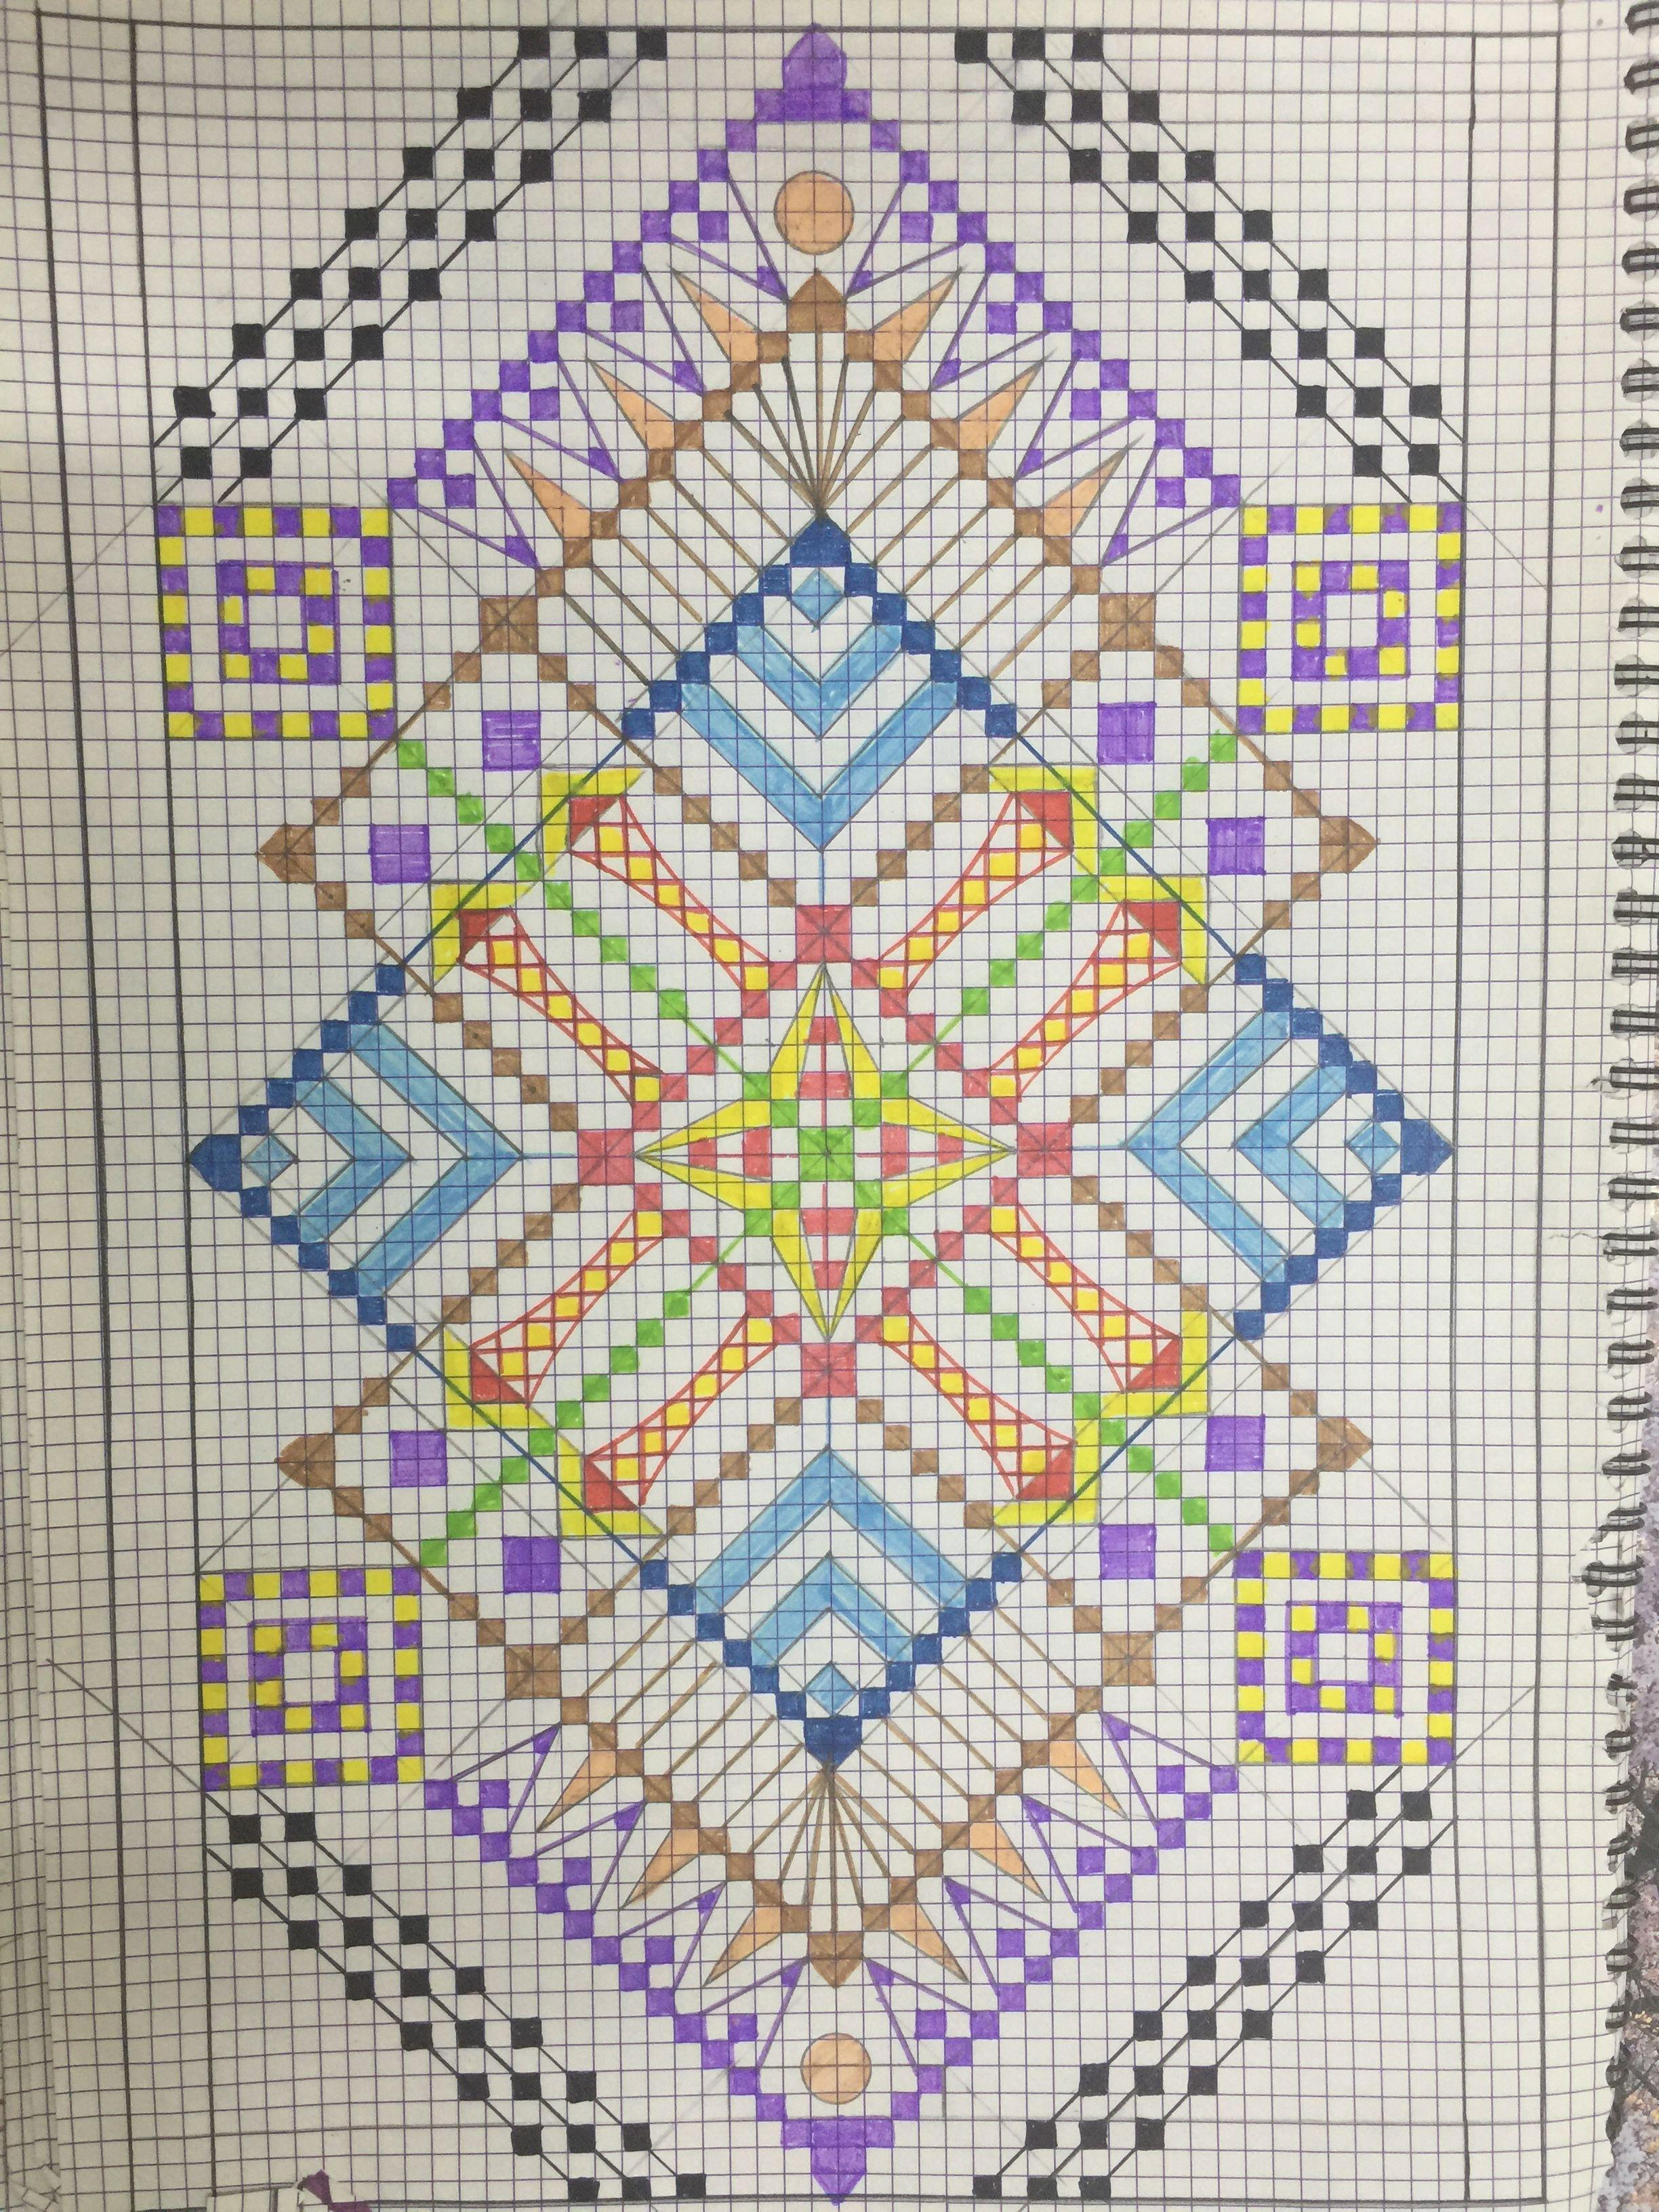 اشكال هندسية زخرفية Crochet Blanket Blanket Quilts